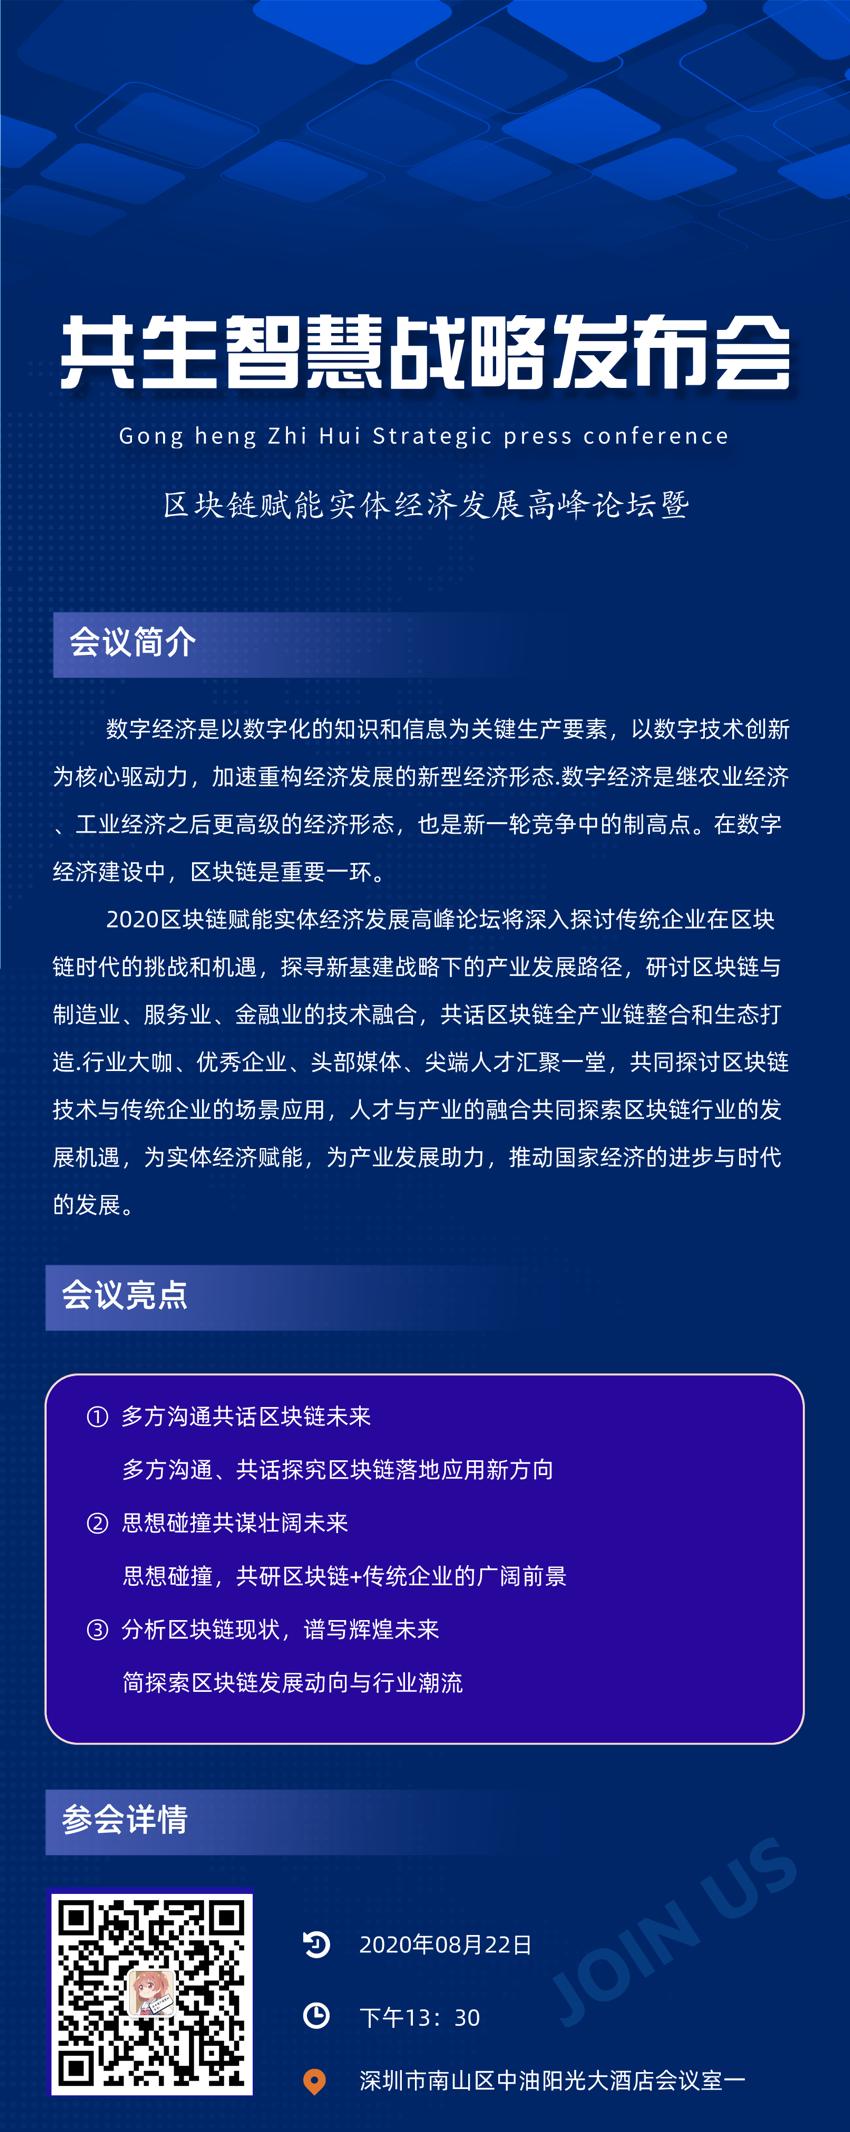 """020区块链赋能实体经济发展高峰论坛暨共生智慧战略发布会将于8月22日在深圳召开"""""""